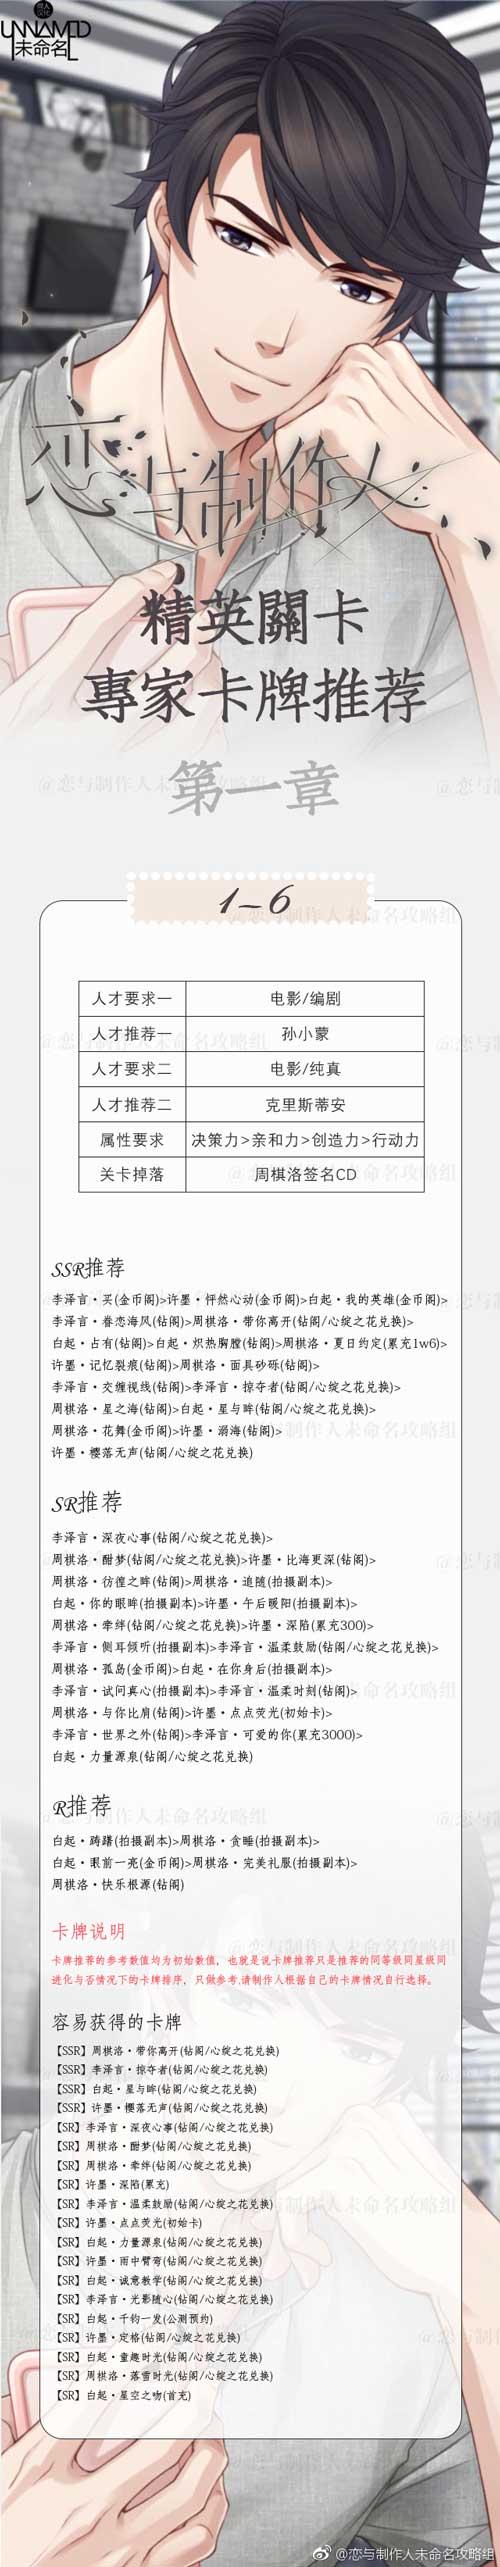 恋与制作人精英1-6关怎么过